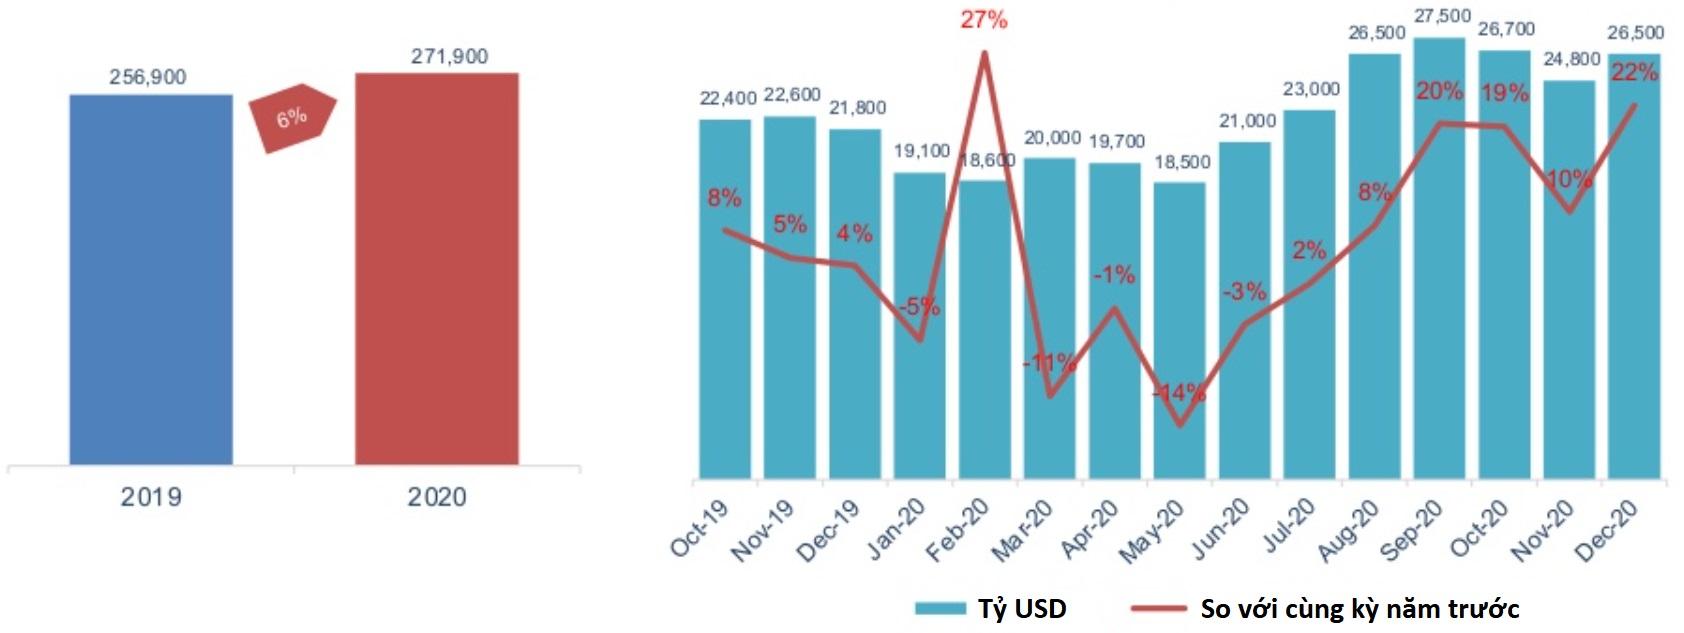 Tổng giá trị hoàn hóa xuất khẩu năm 2020 tăng 6% so với năm 2019